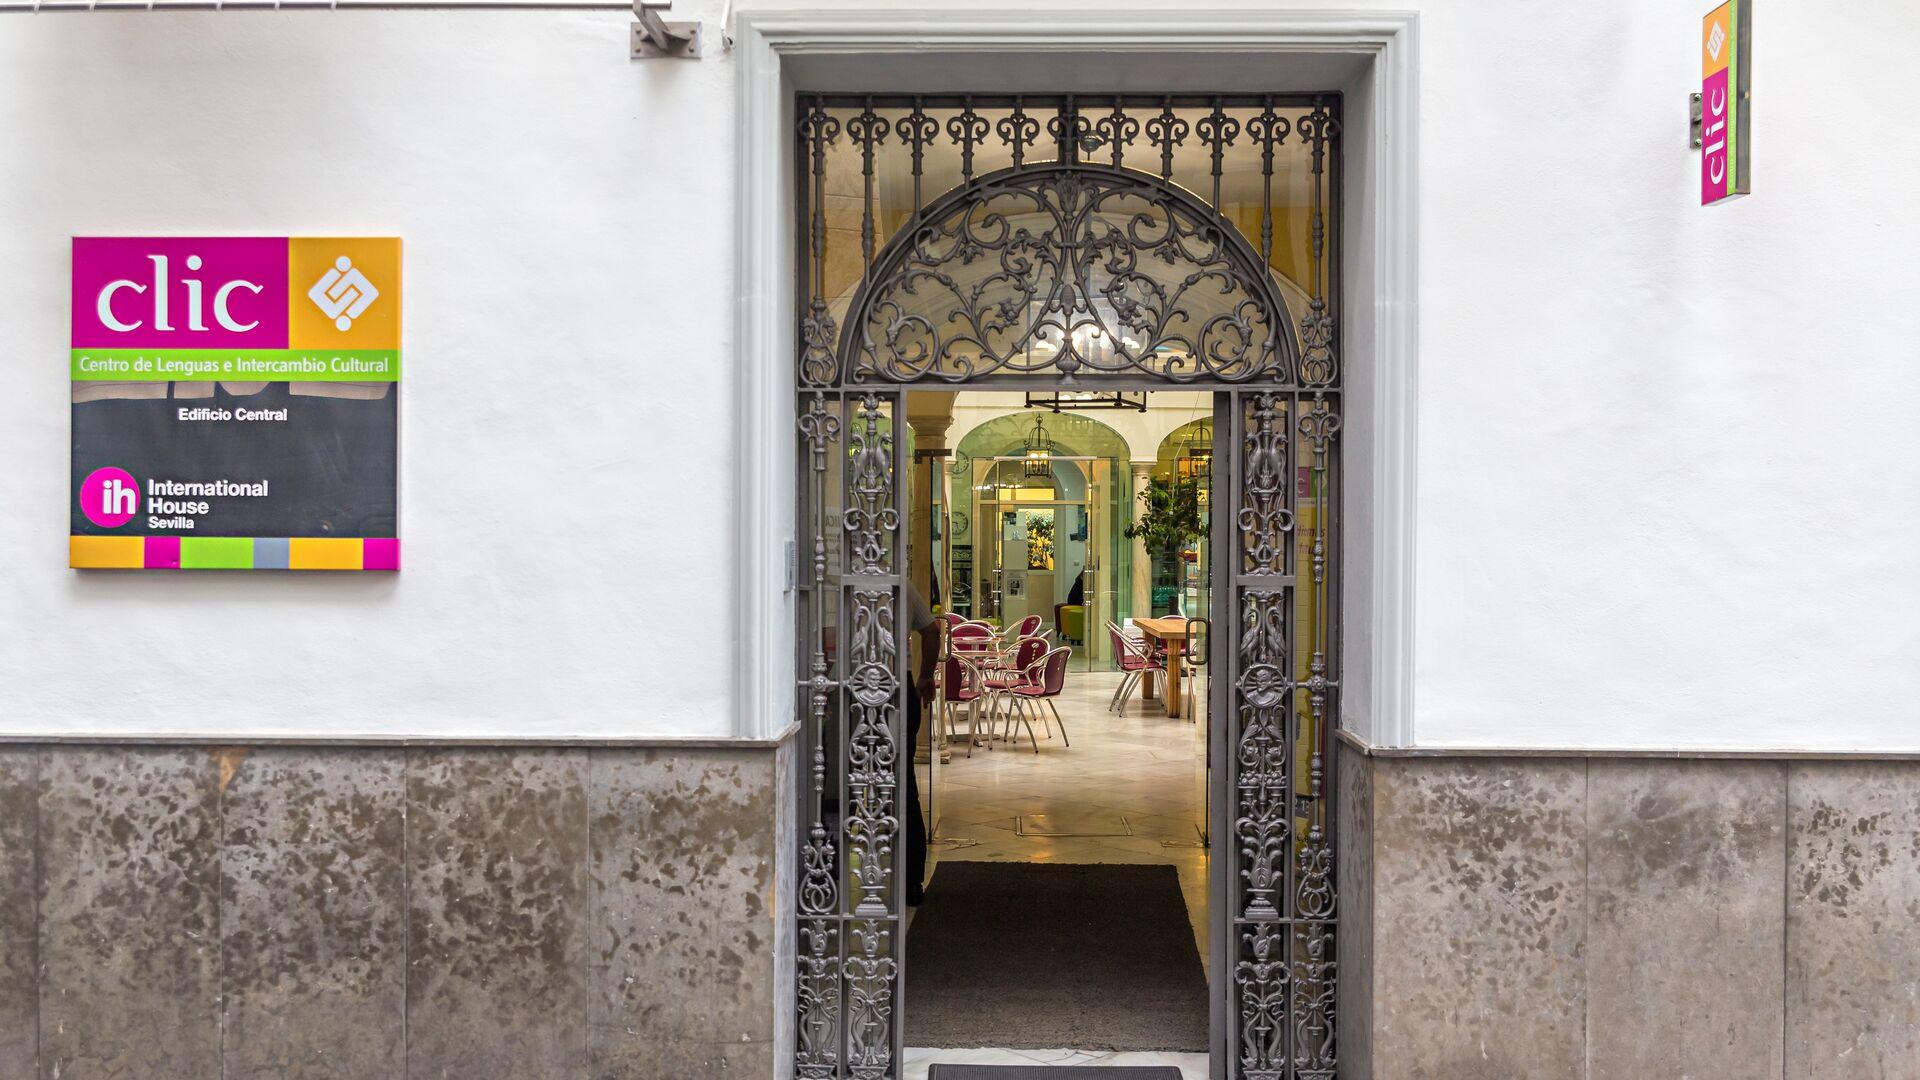 Sprachaufenthalt Sprachreise Spanisch Spanien in Sevilla CLIC